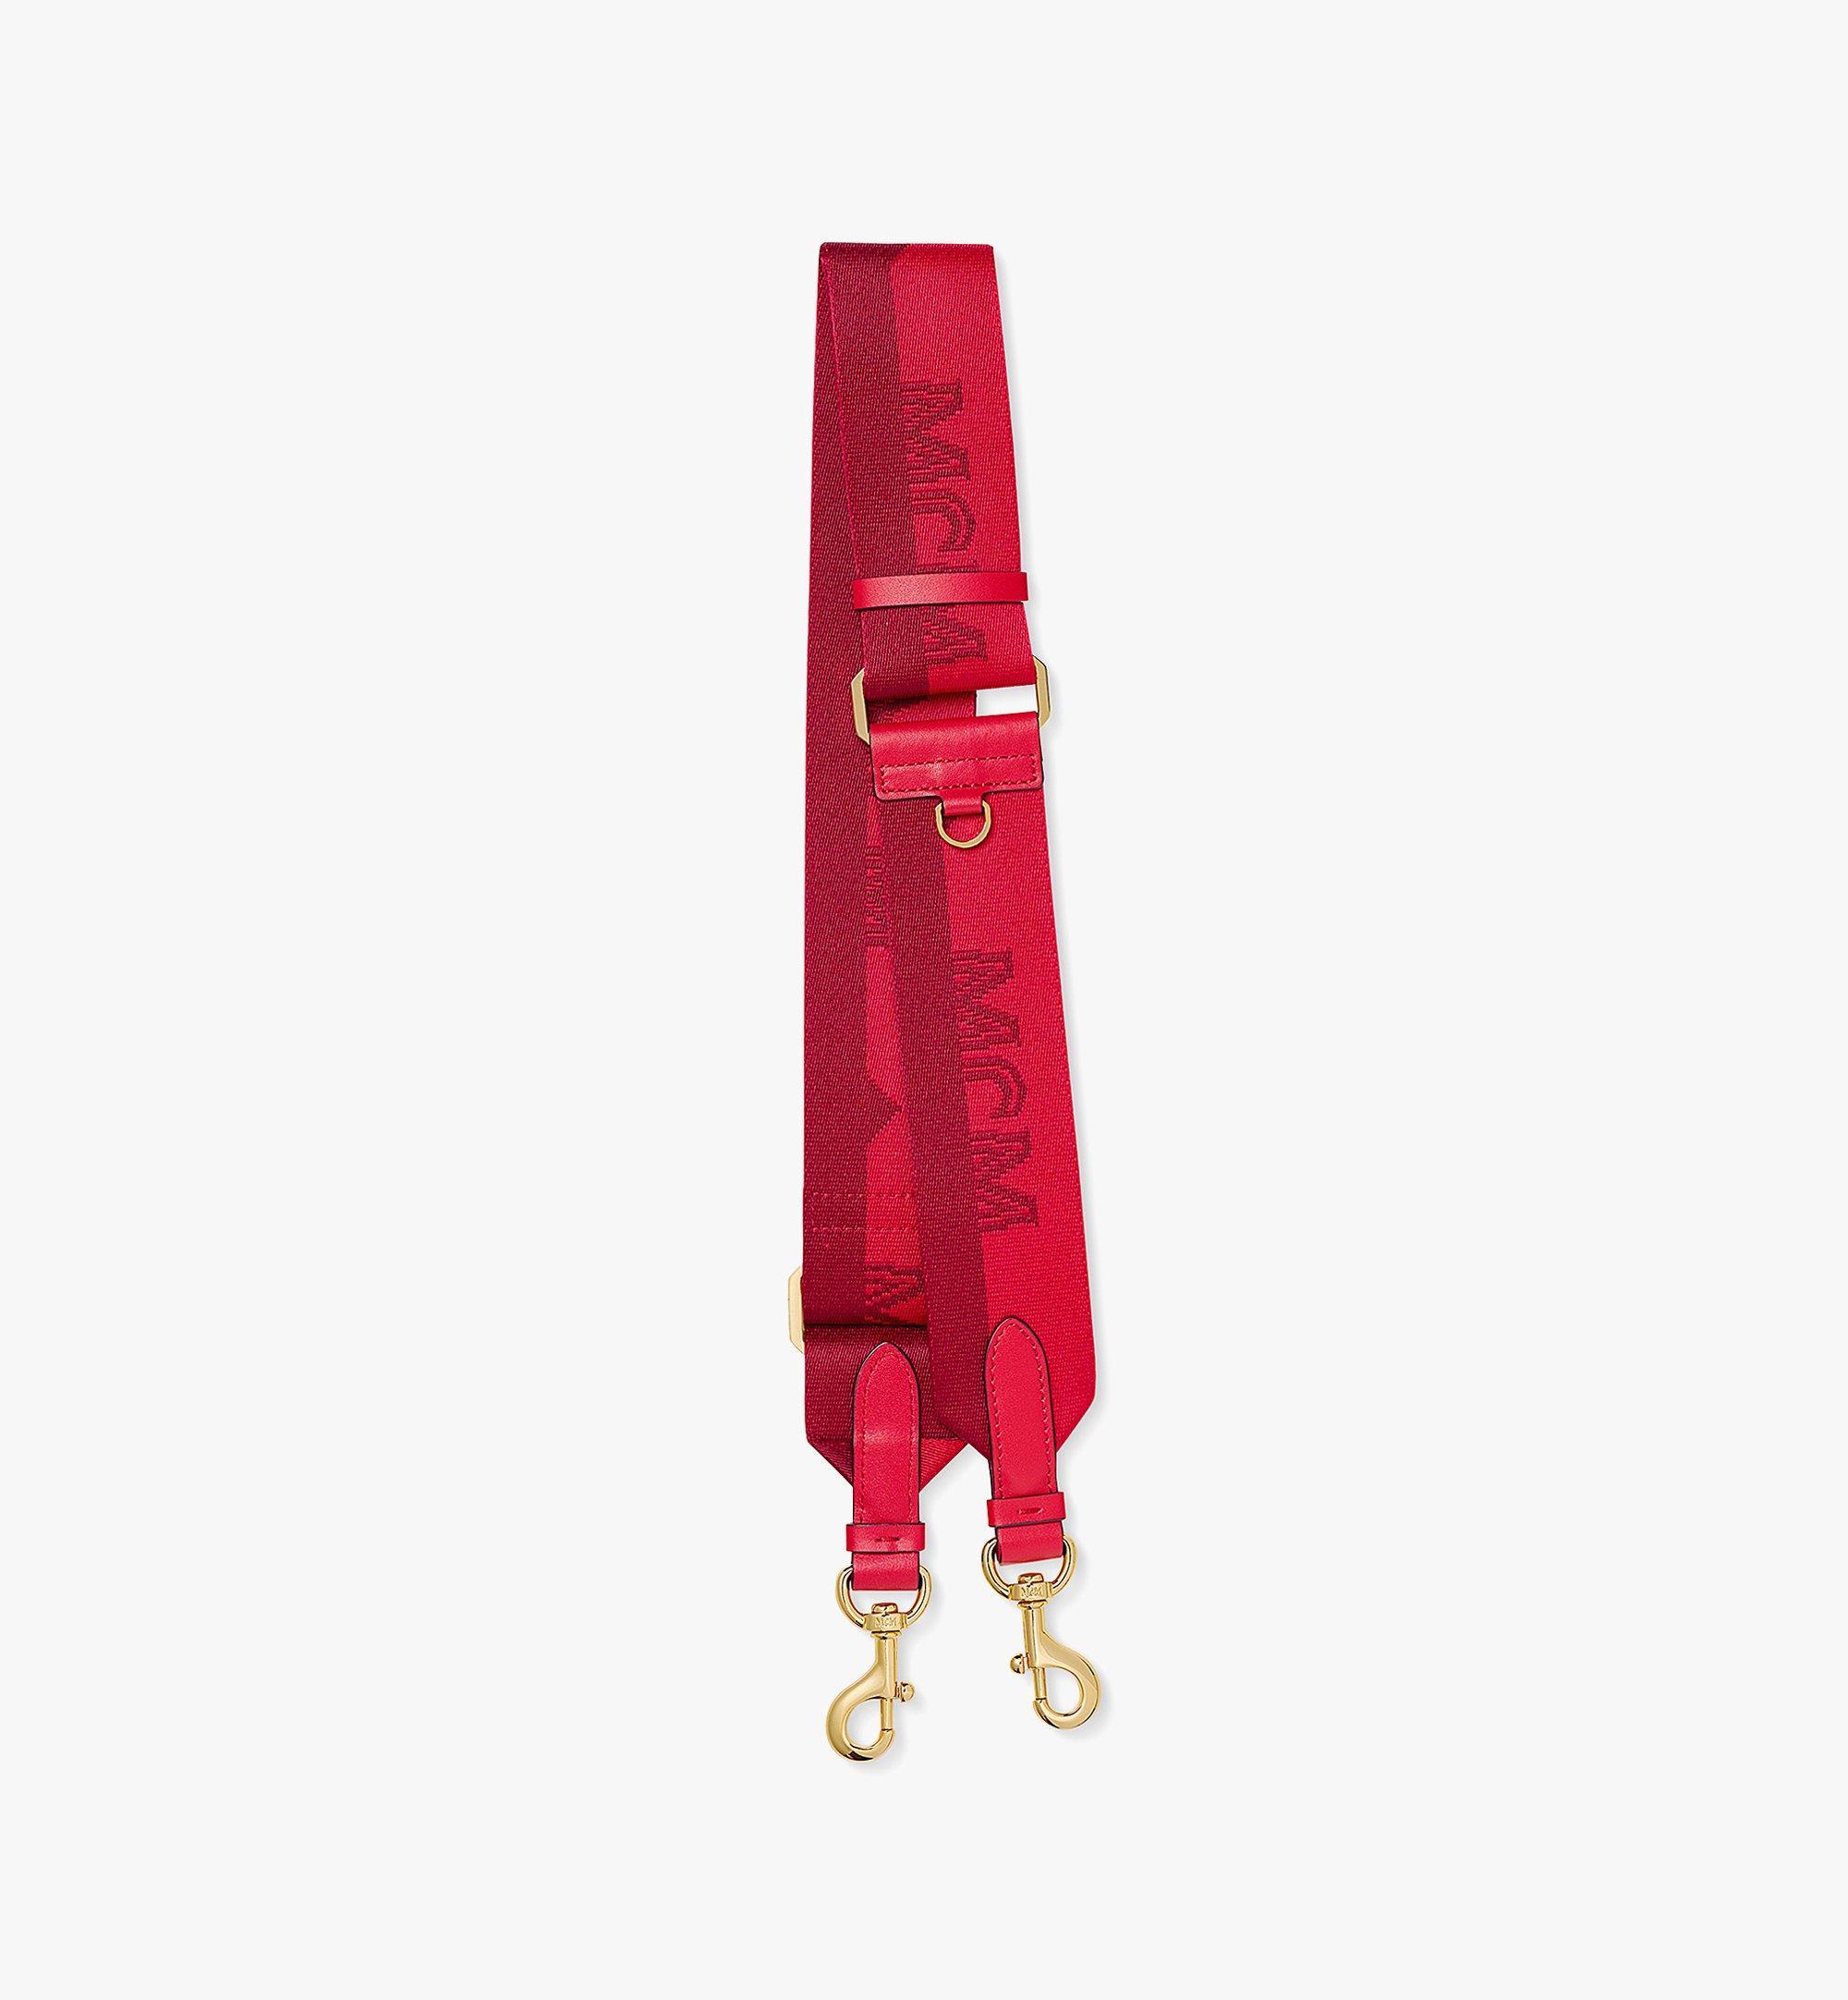 MCM Jacquard-Schulterriemen mit gewebtem Halblogo Red MYZBAMM03R0001 Noch mehr sehen 1